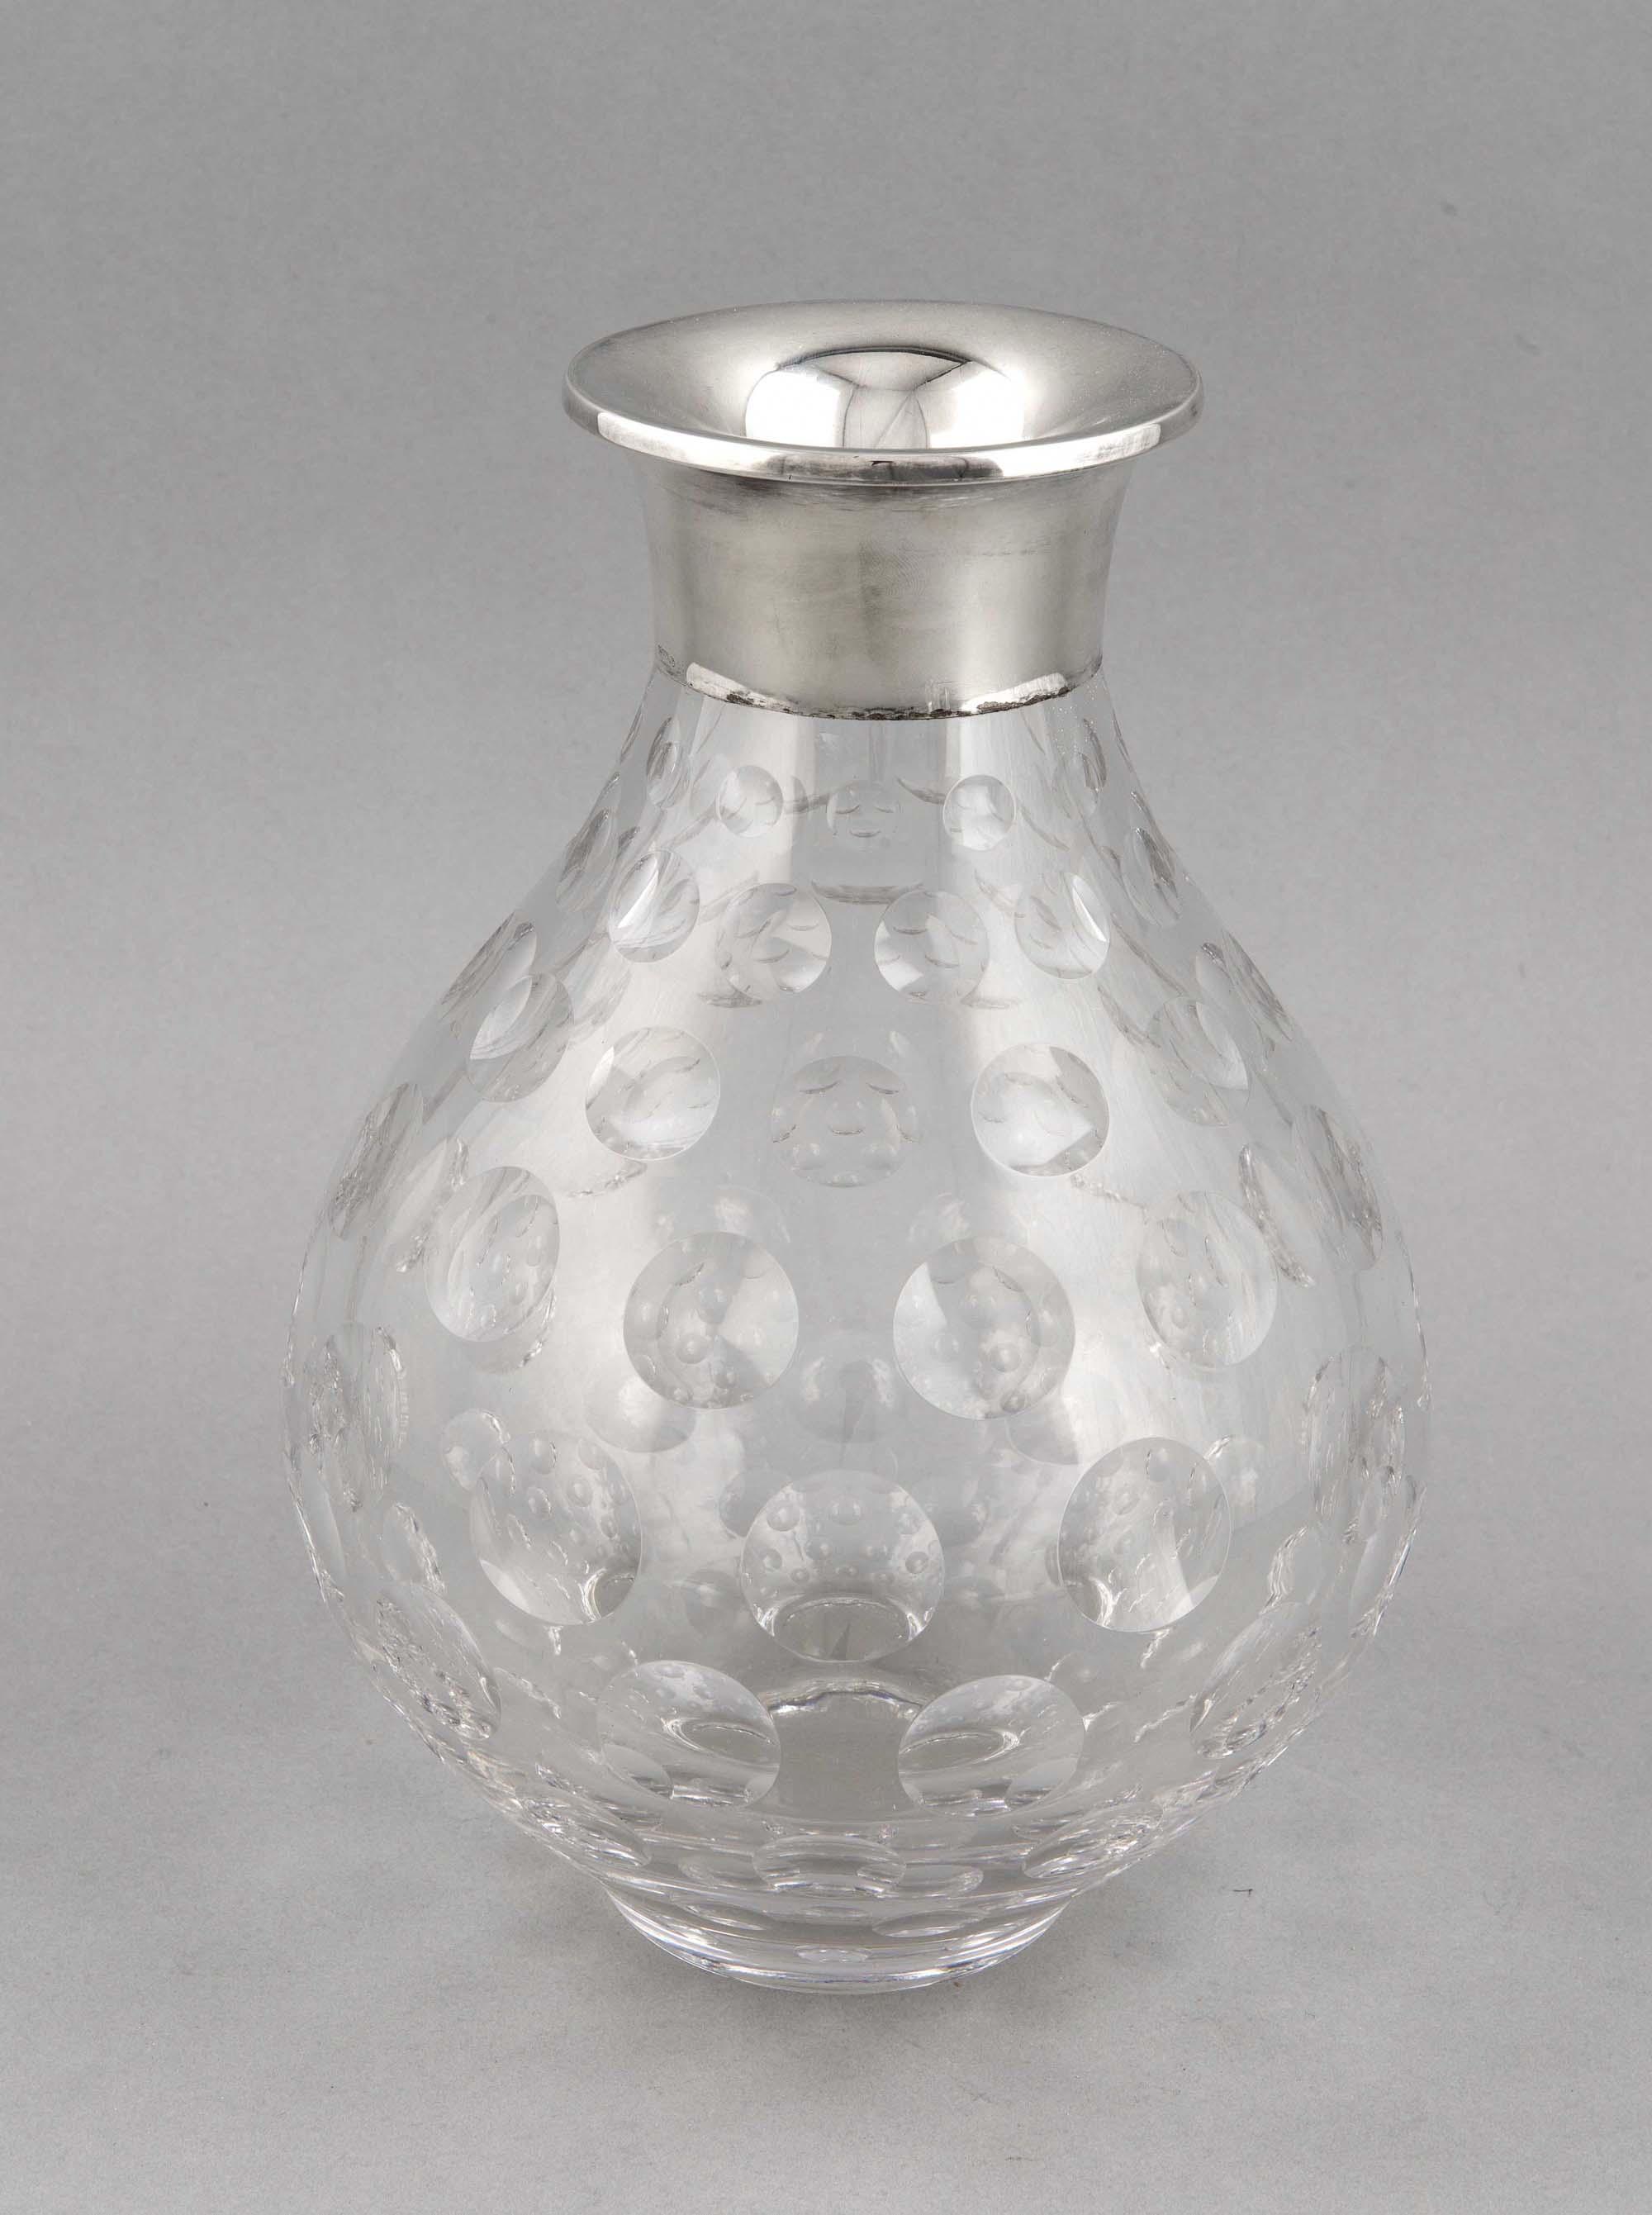 Kristallvase mit Silberhalsmontage, Deutsch, 20